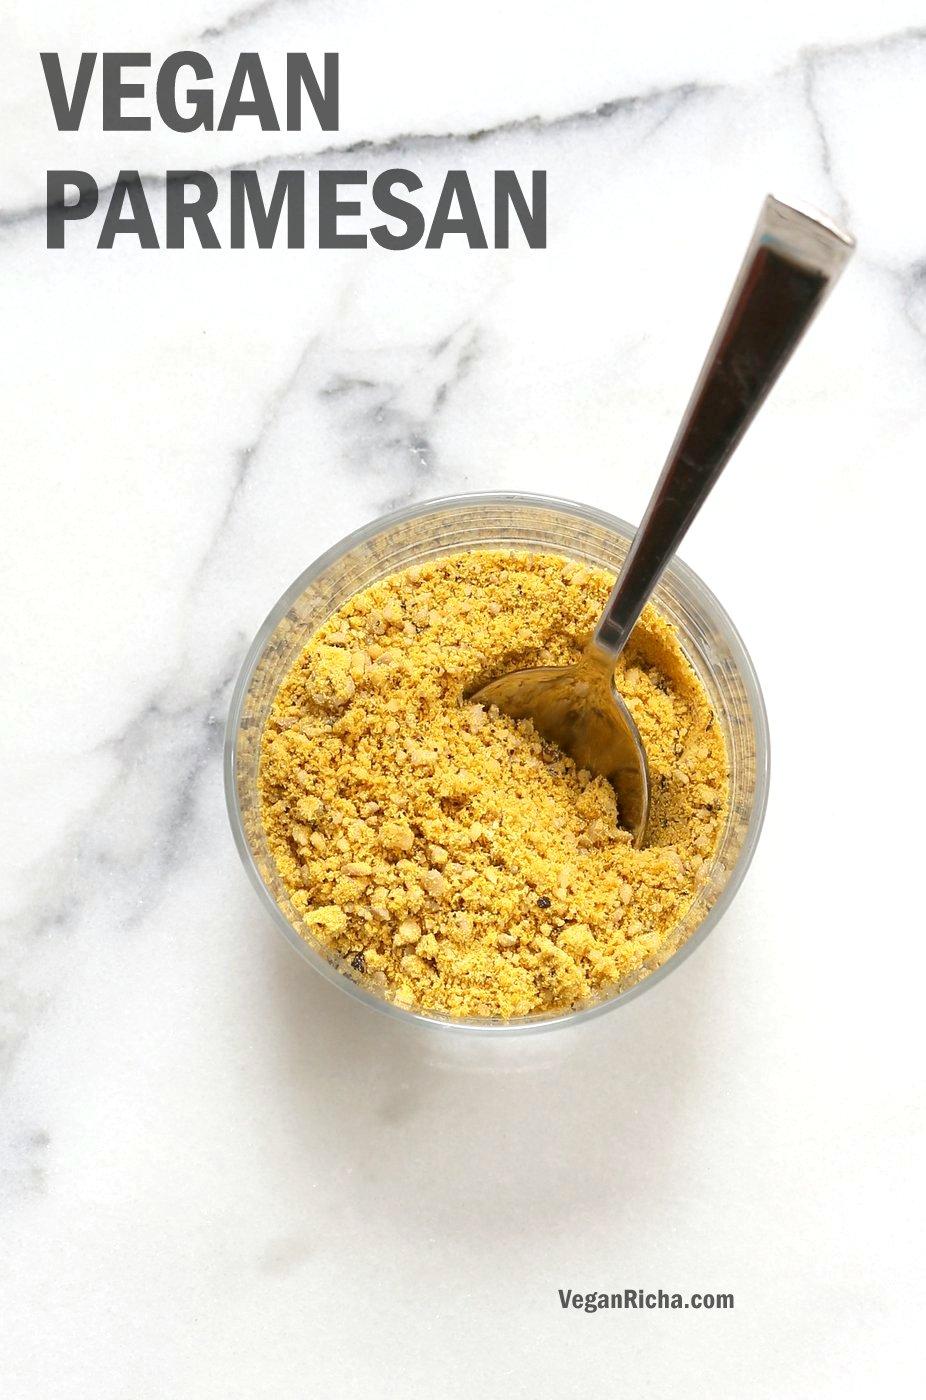 Vegan Parmesan.jpg